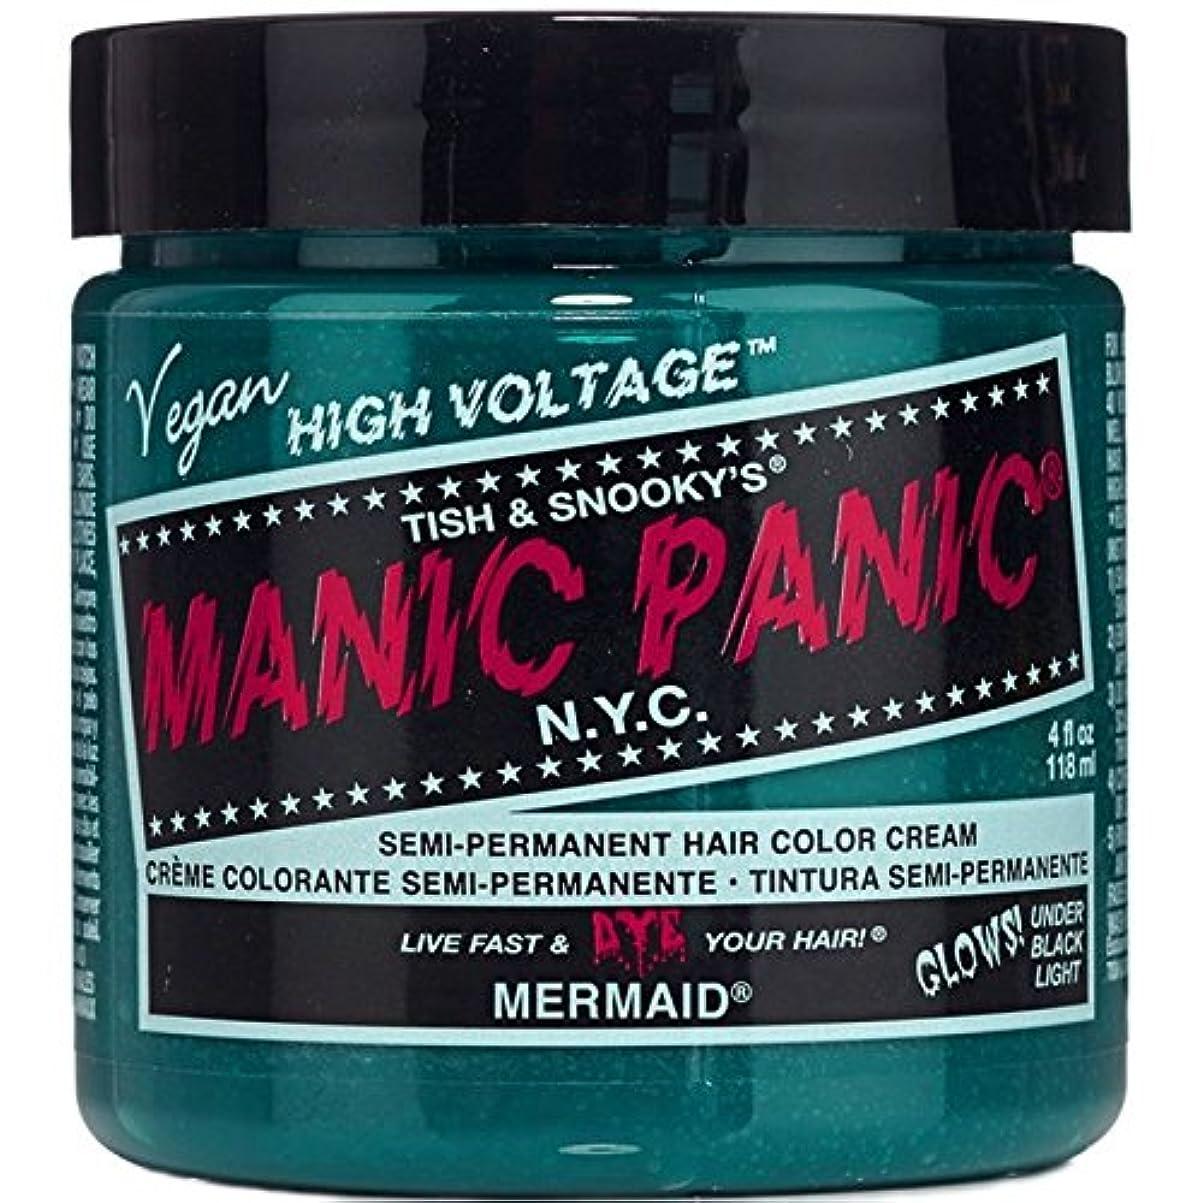 気性ヒール美容師スペシャルセットMANIC PANICマニックパニック:MERMAID (マーメイド)+ヘアカラーケア4点セット